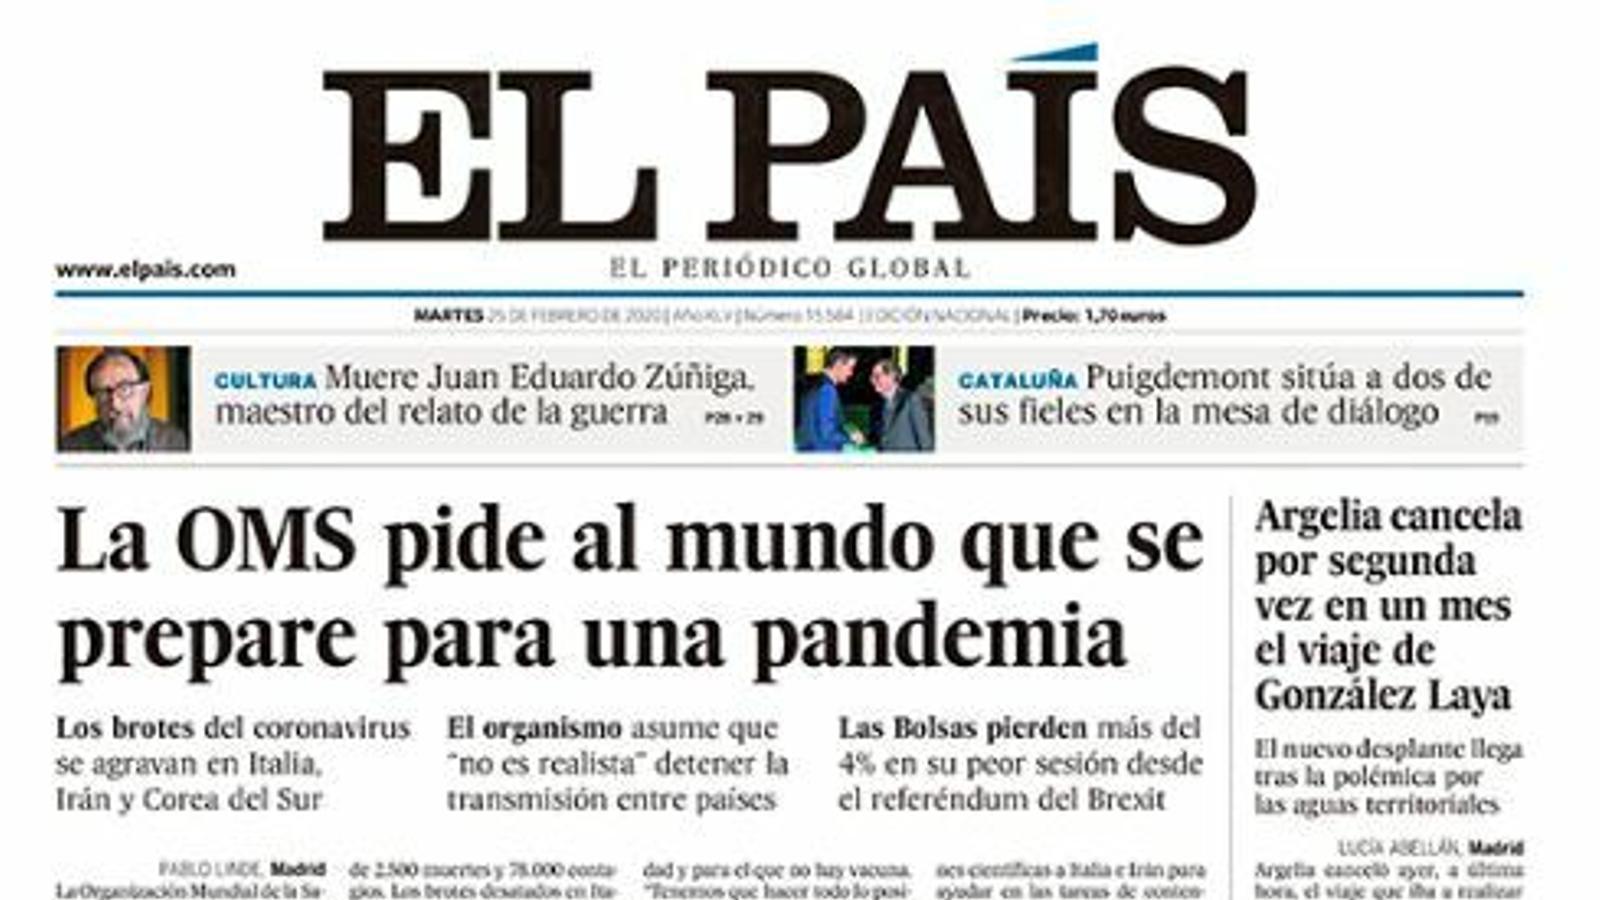 Portada d'El País, 25 de febrer del 2020